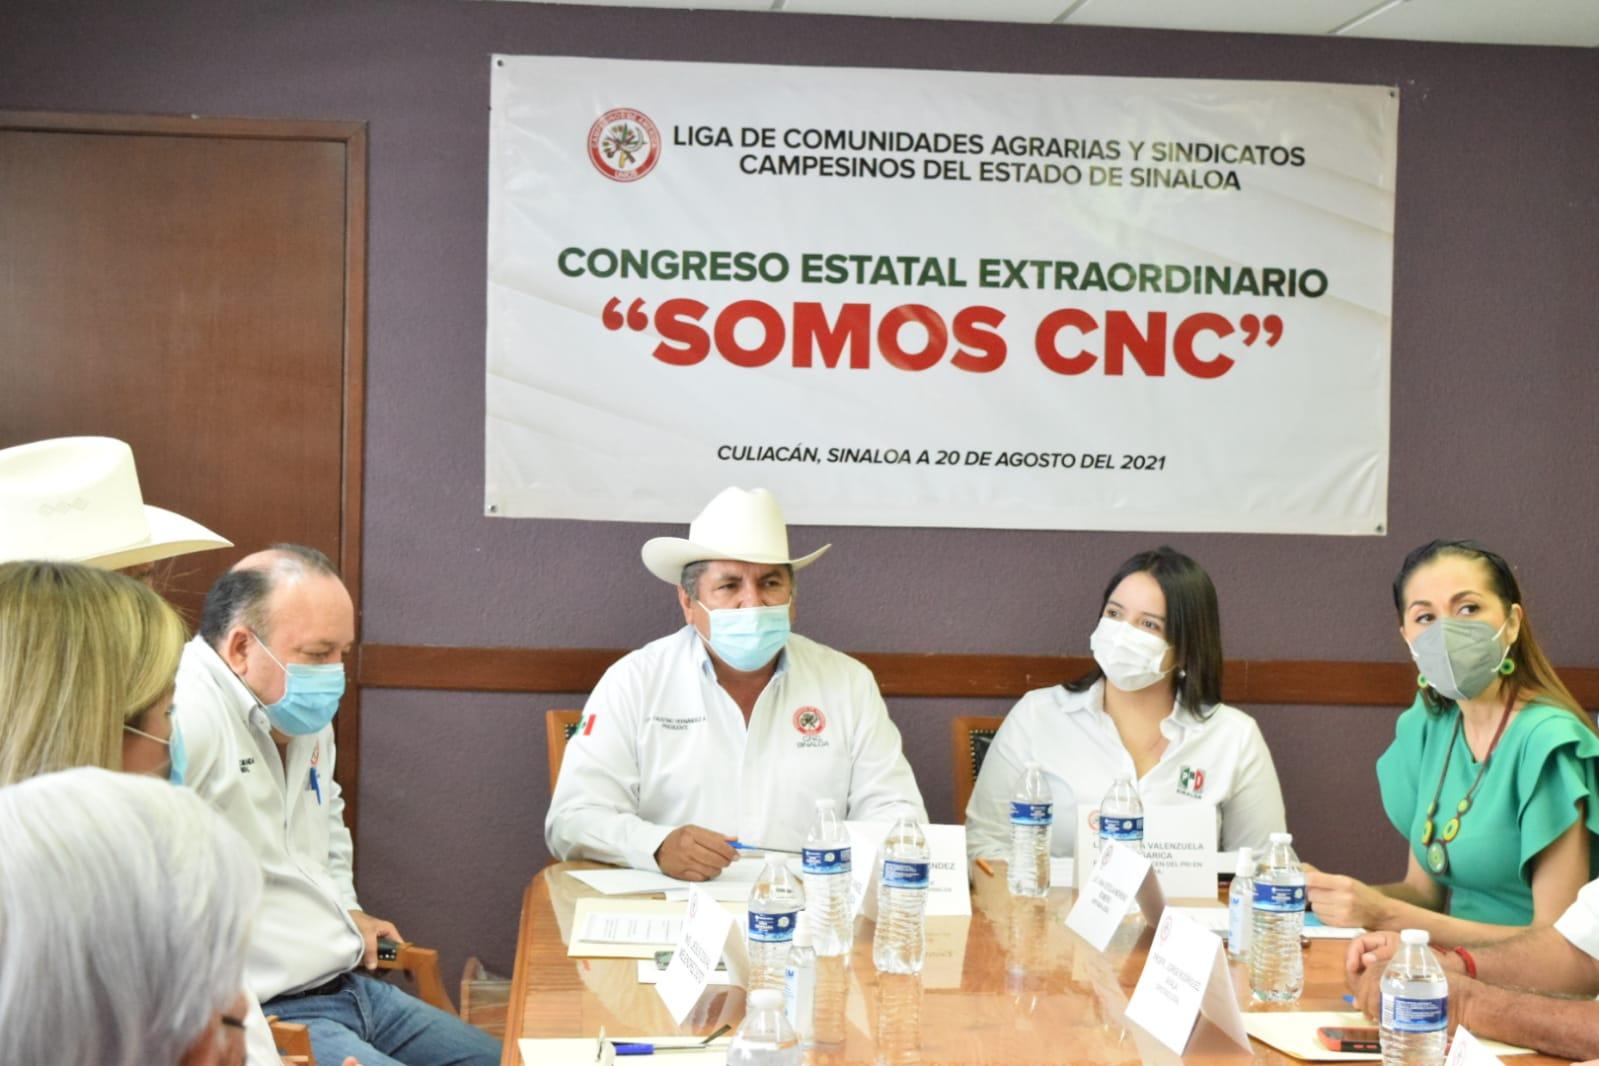 RATIFICAMOS EL COMPROMISO CON LOS CAMPESINOS DE SINALOA Y MÉXICO, RECONOCIMIENTO TOTAL A NUESTRA ORGANIZACIÓN, LA CNC: CINTHIA VALENZUELA